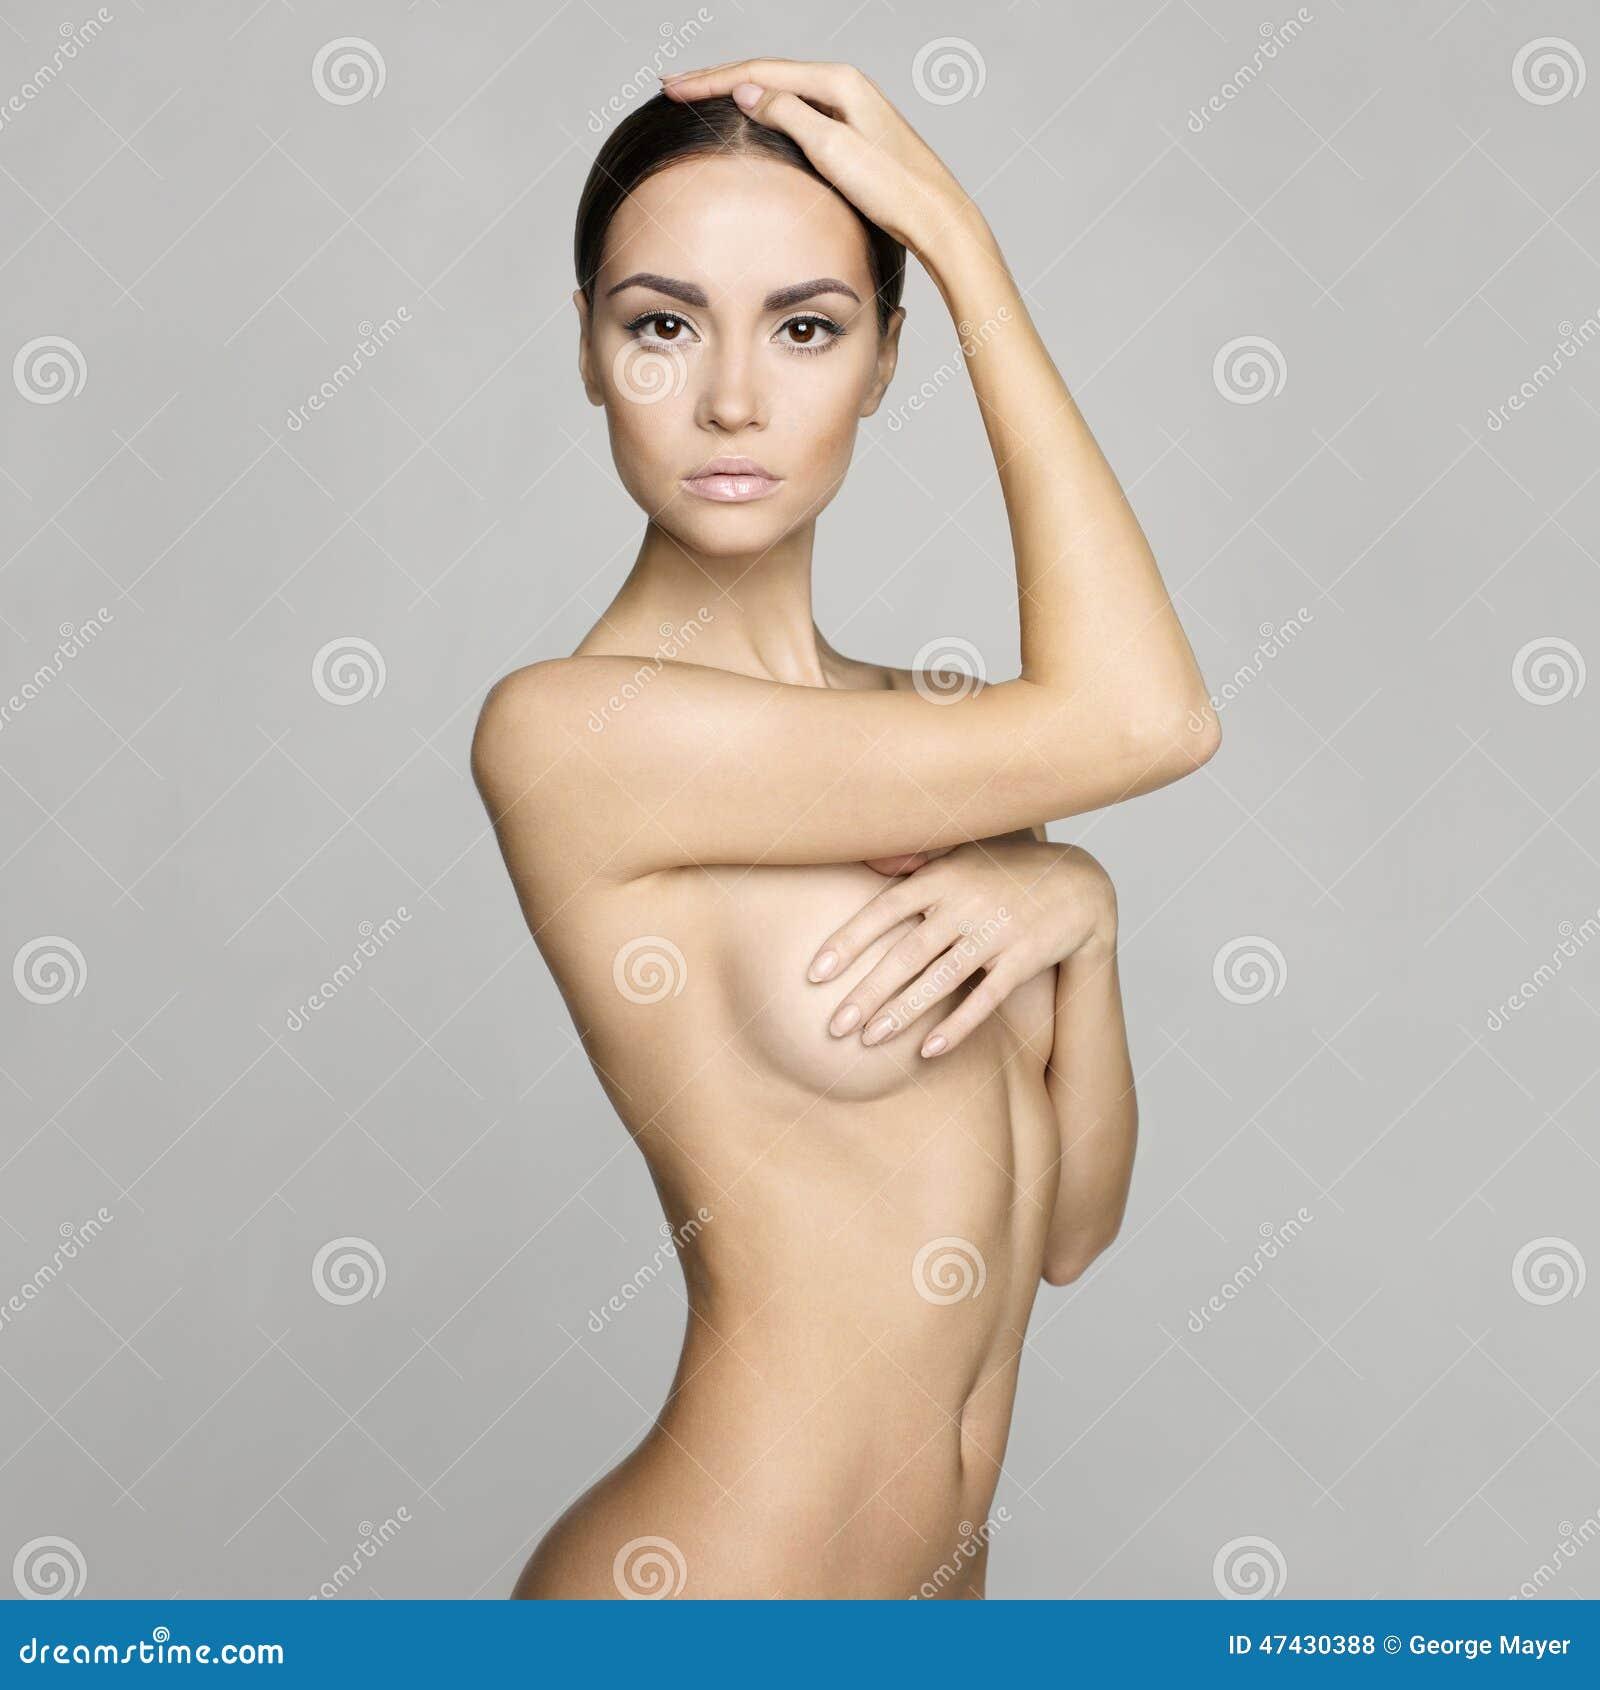 Γυμνό κυρία φωτογραφίες